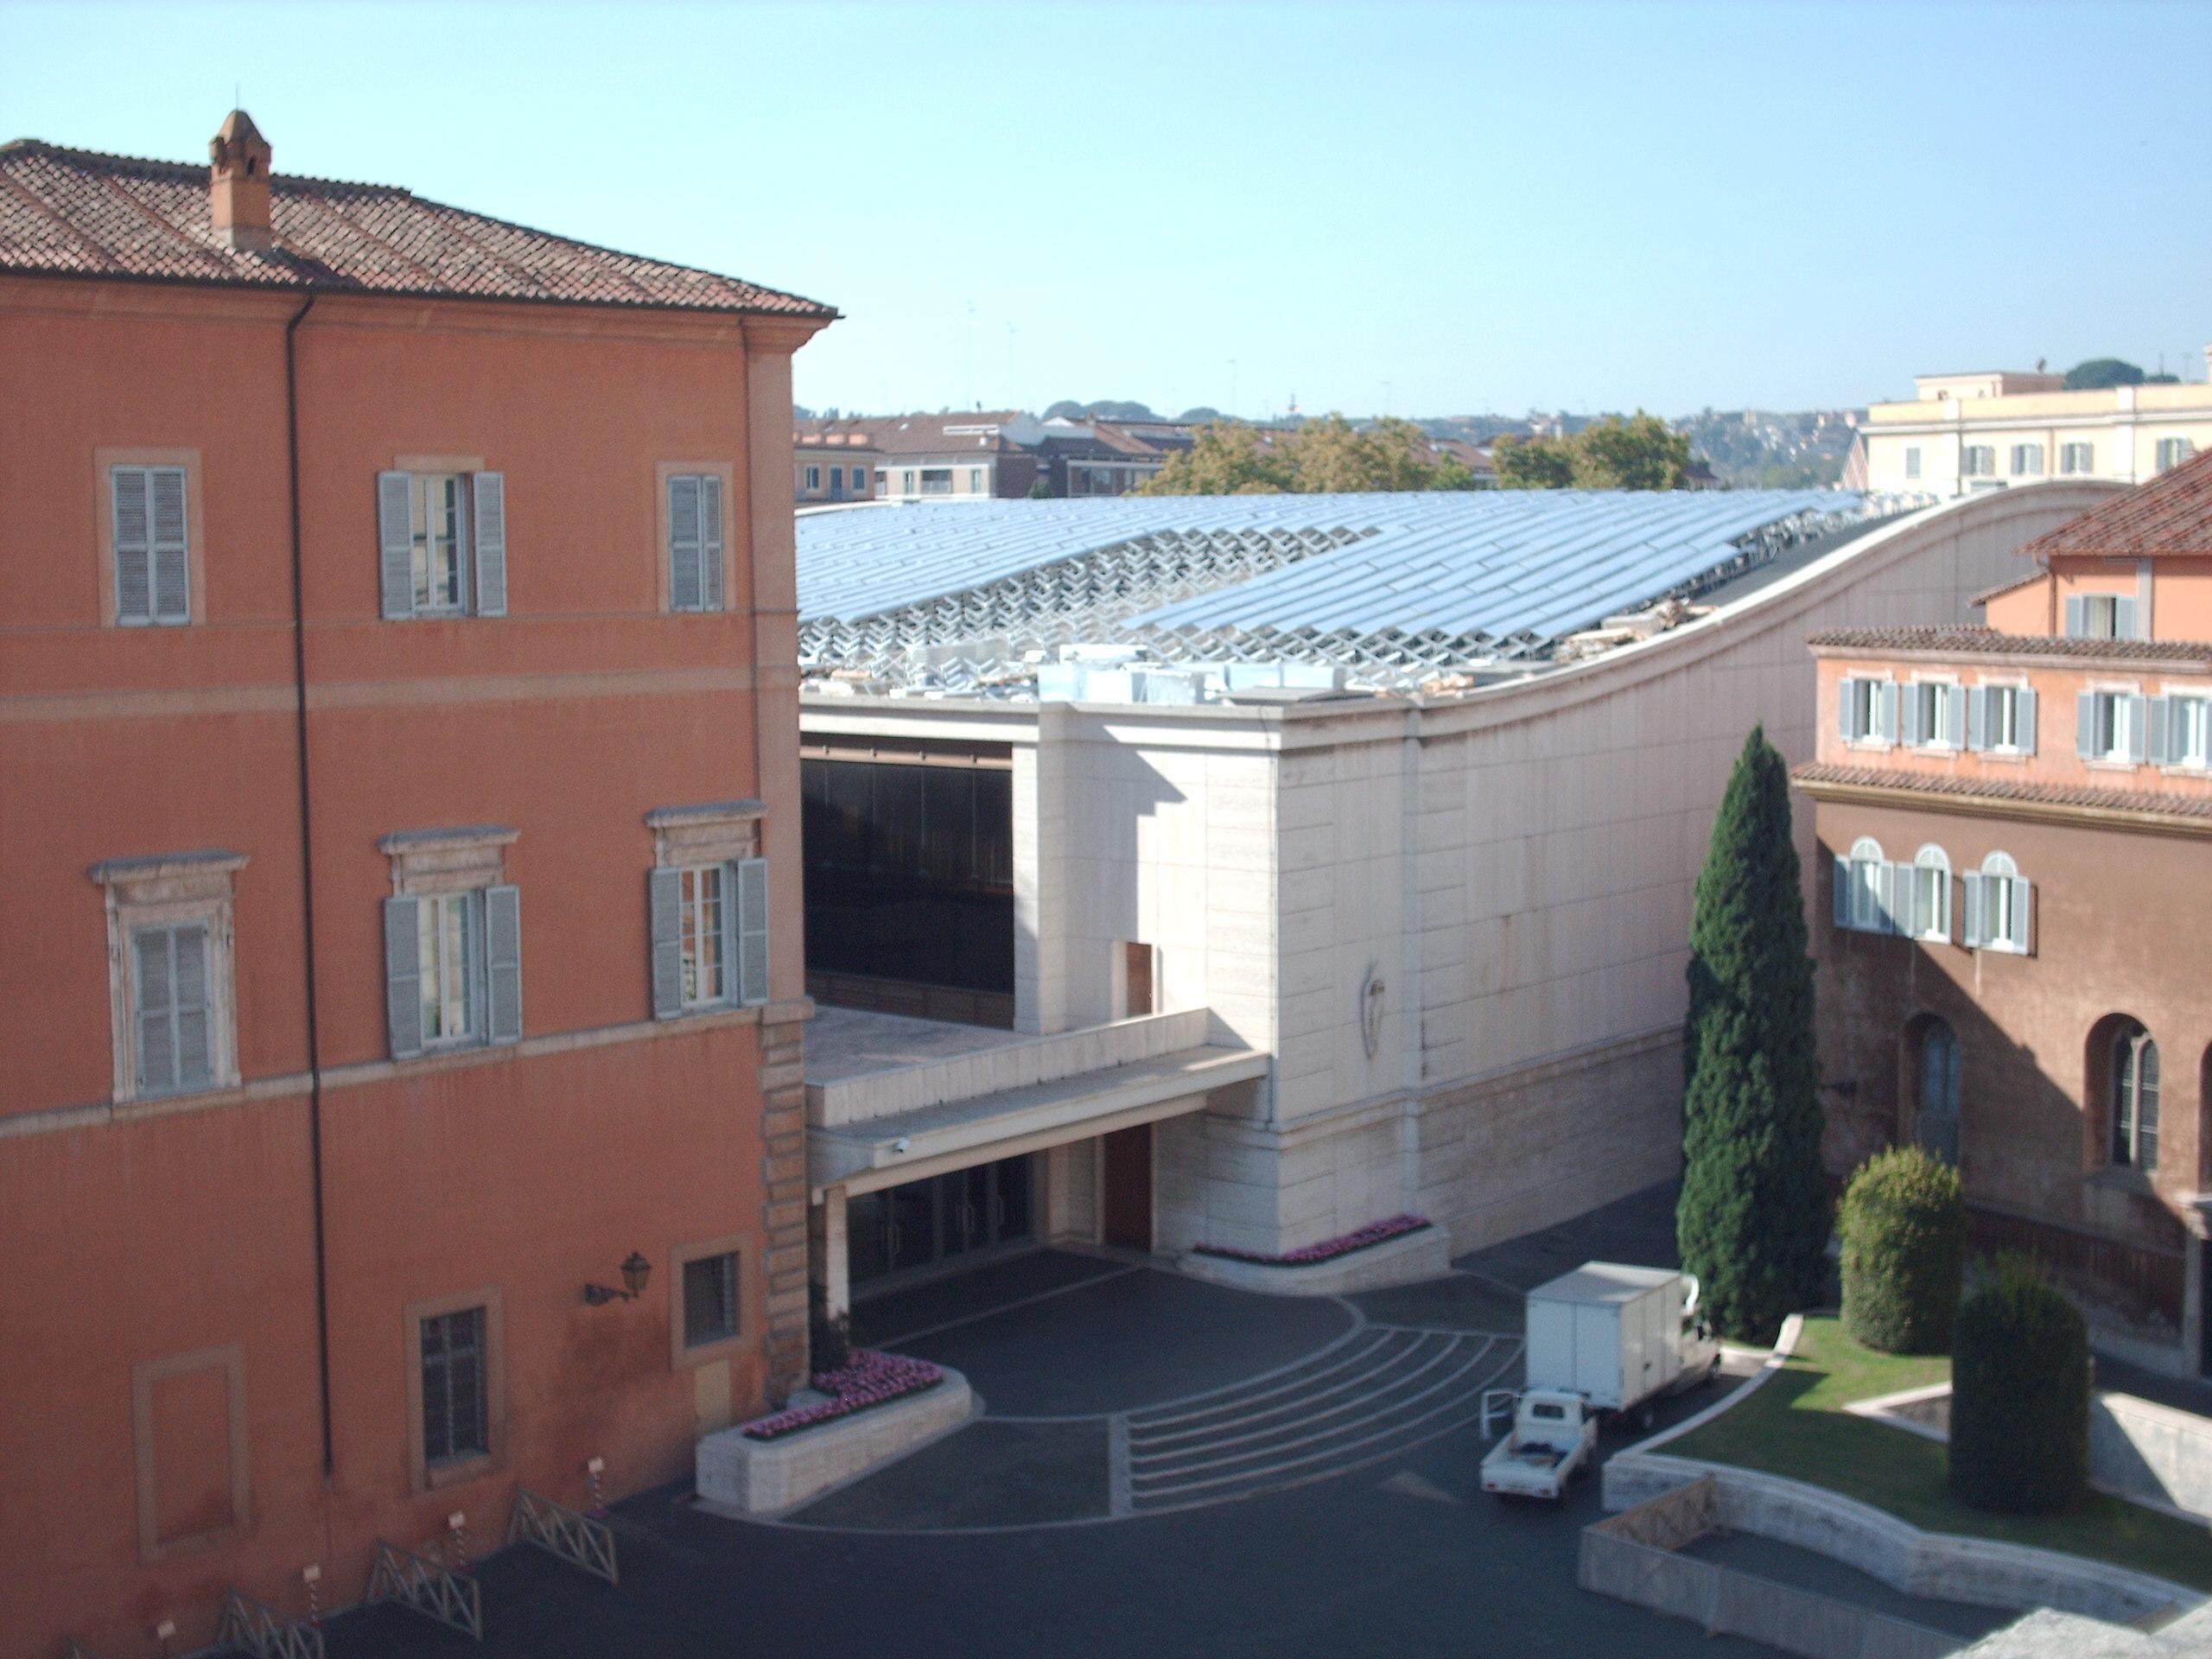 Paul VI Audience Hall